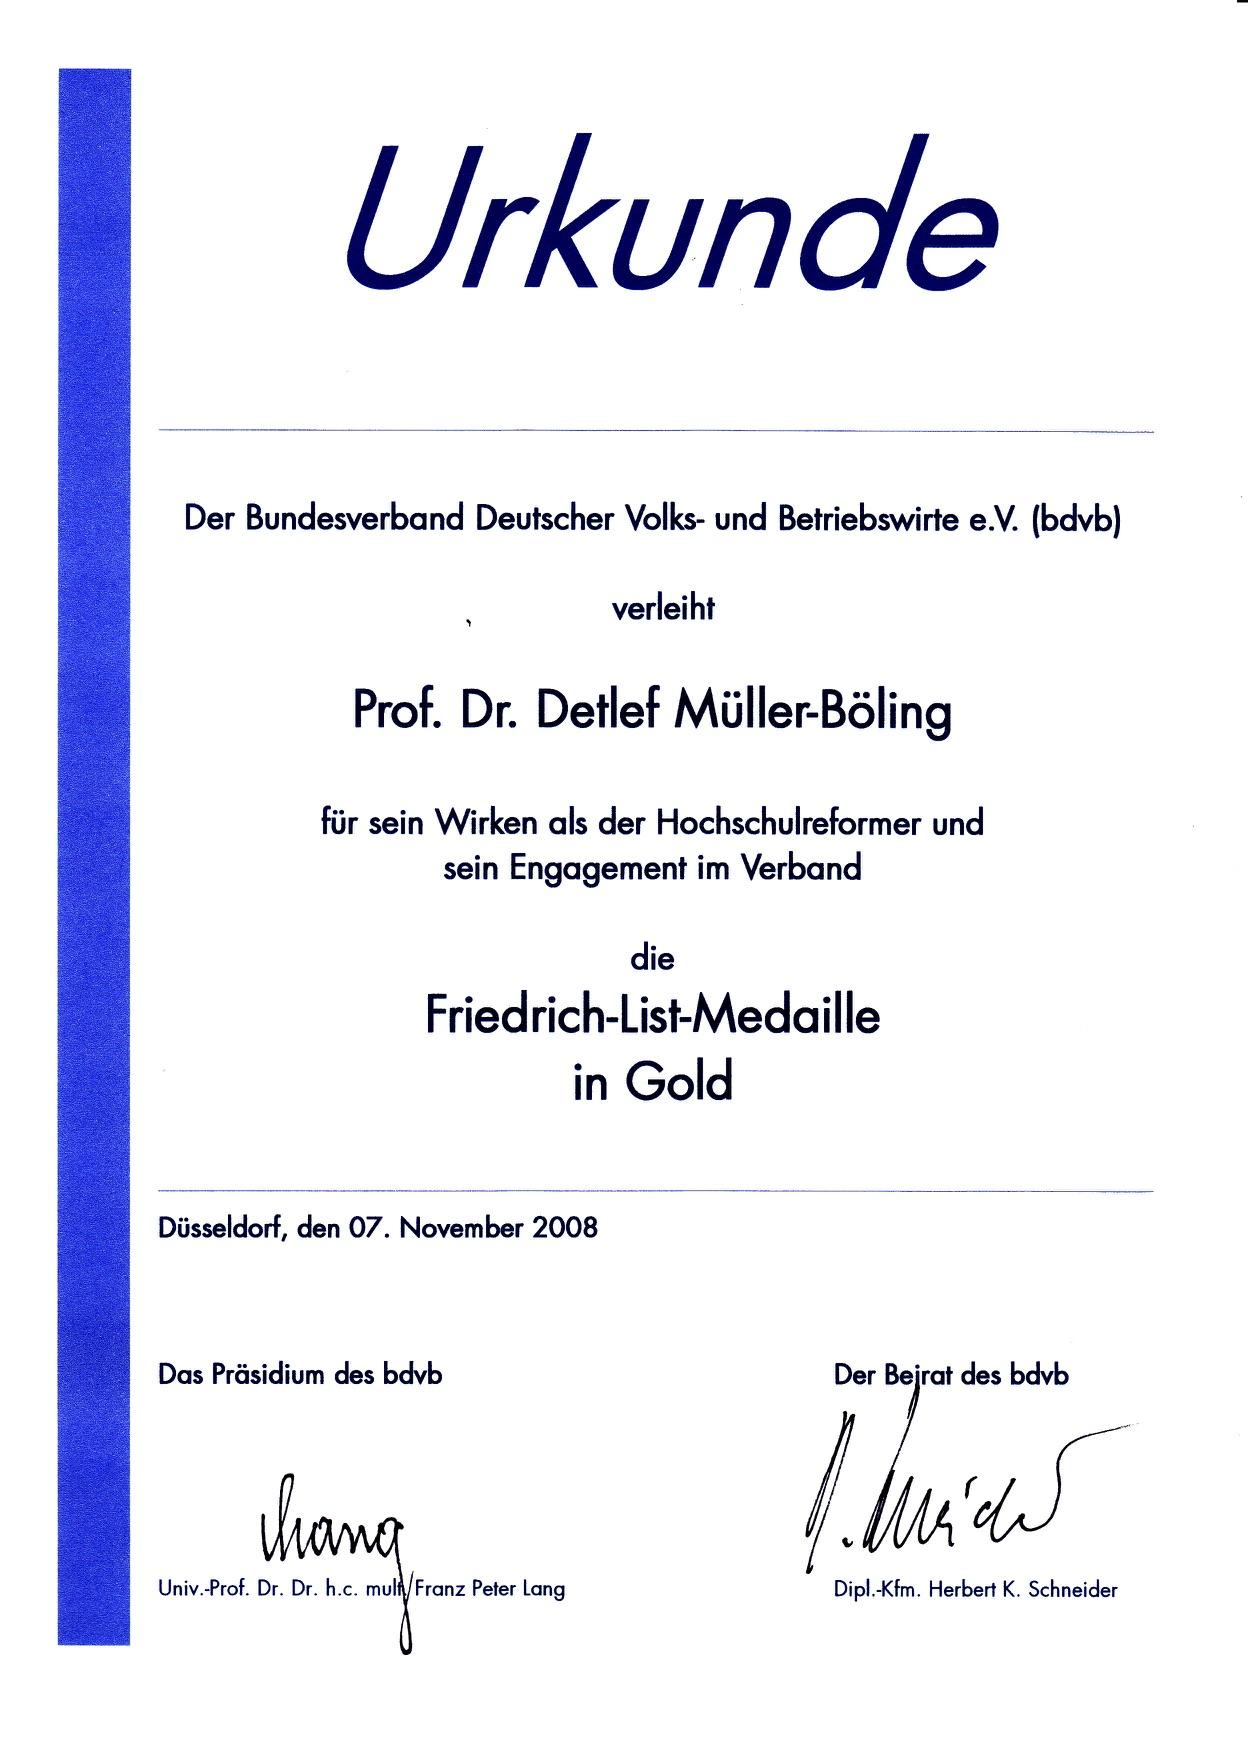 2008_11_07 Friedrich List-Medaille Urkunde